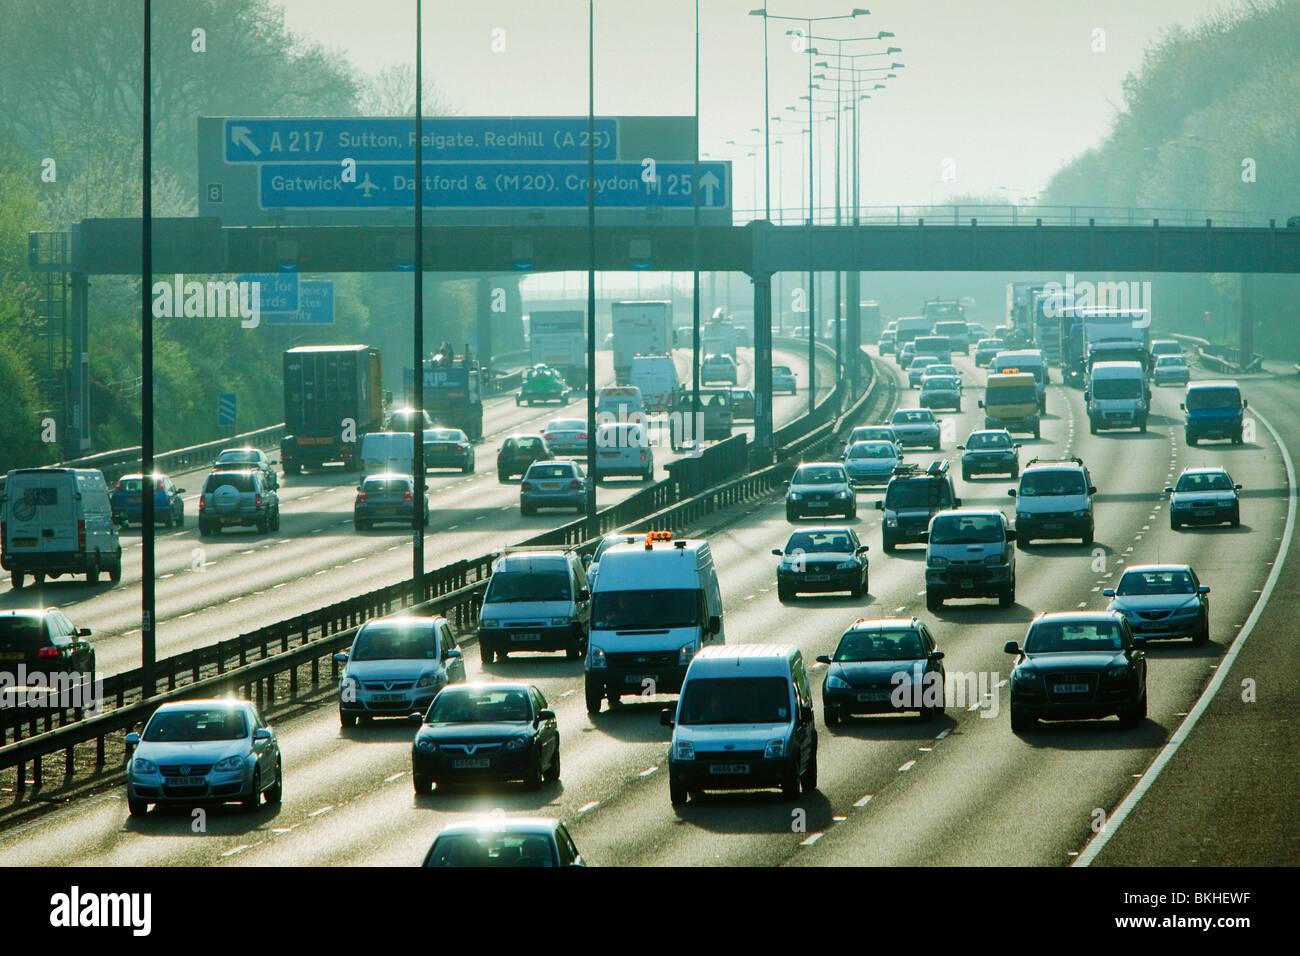 Berufsverkehr auf der Autobahn m25. Stockbild